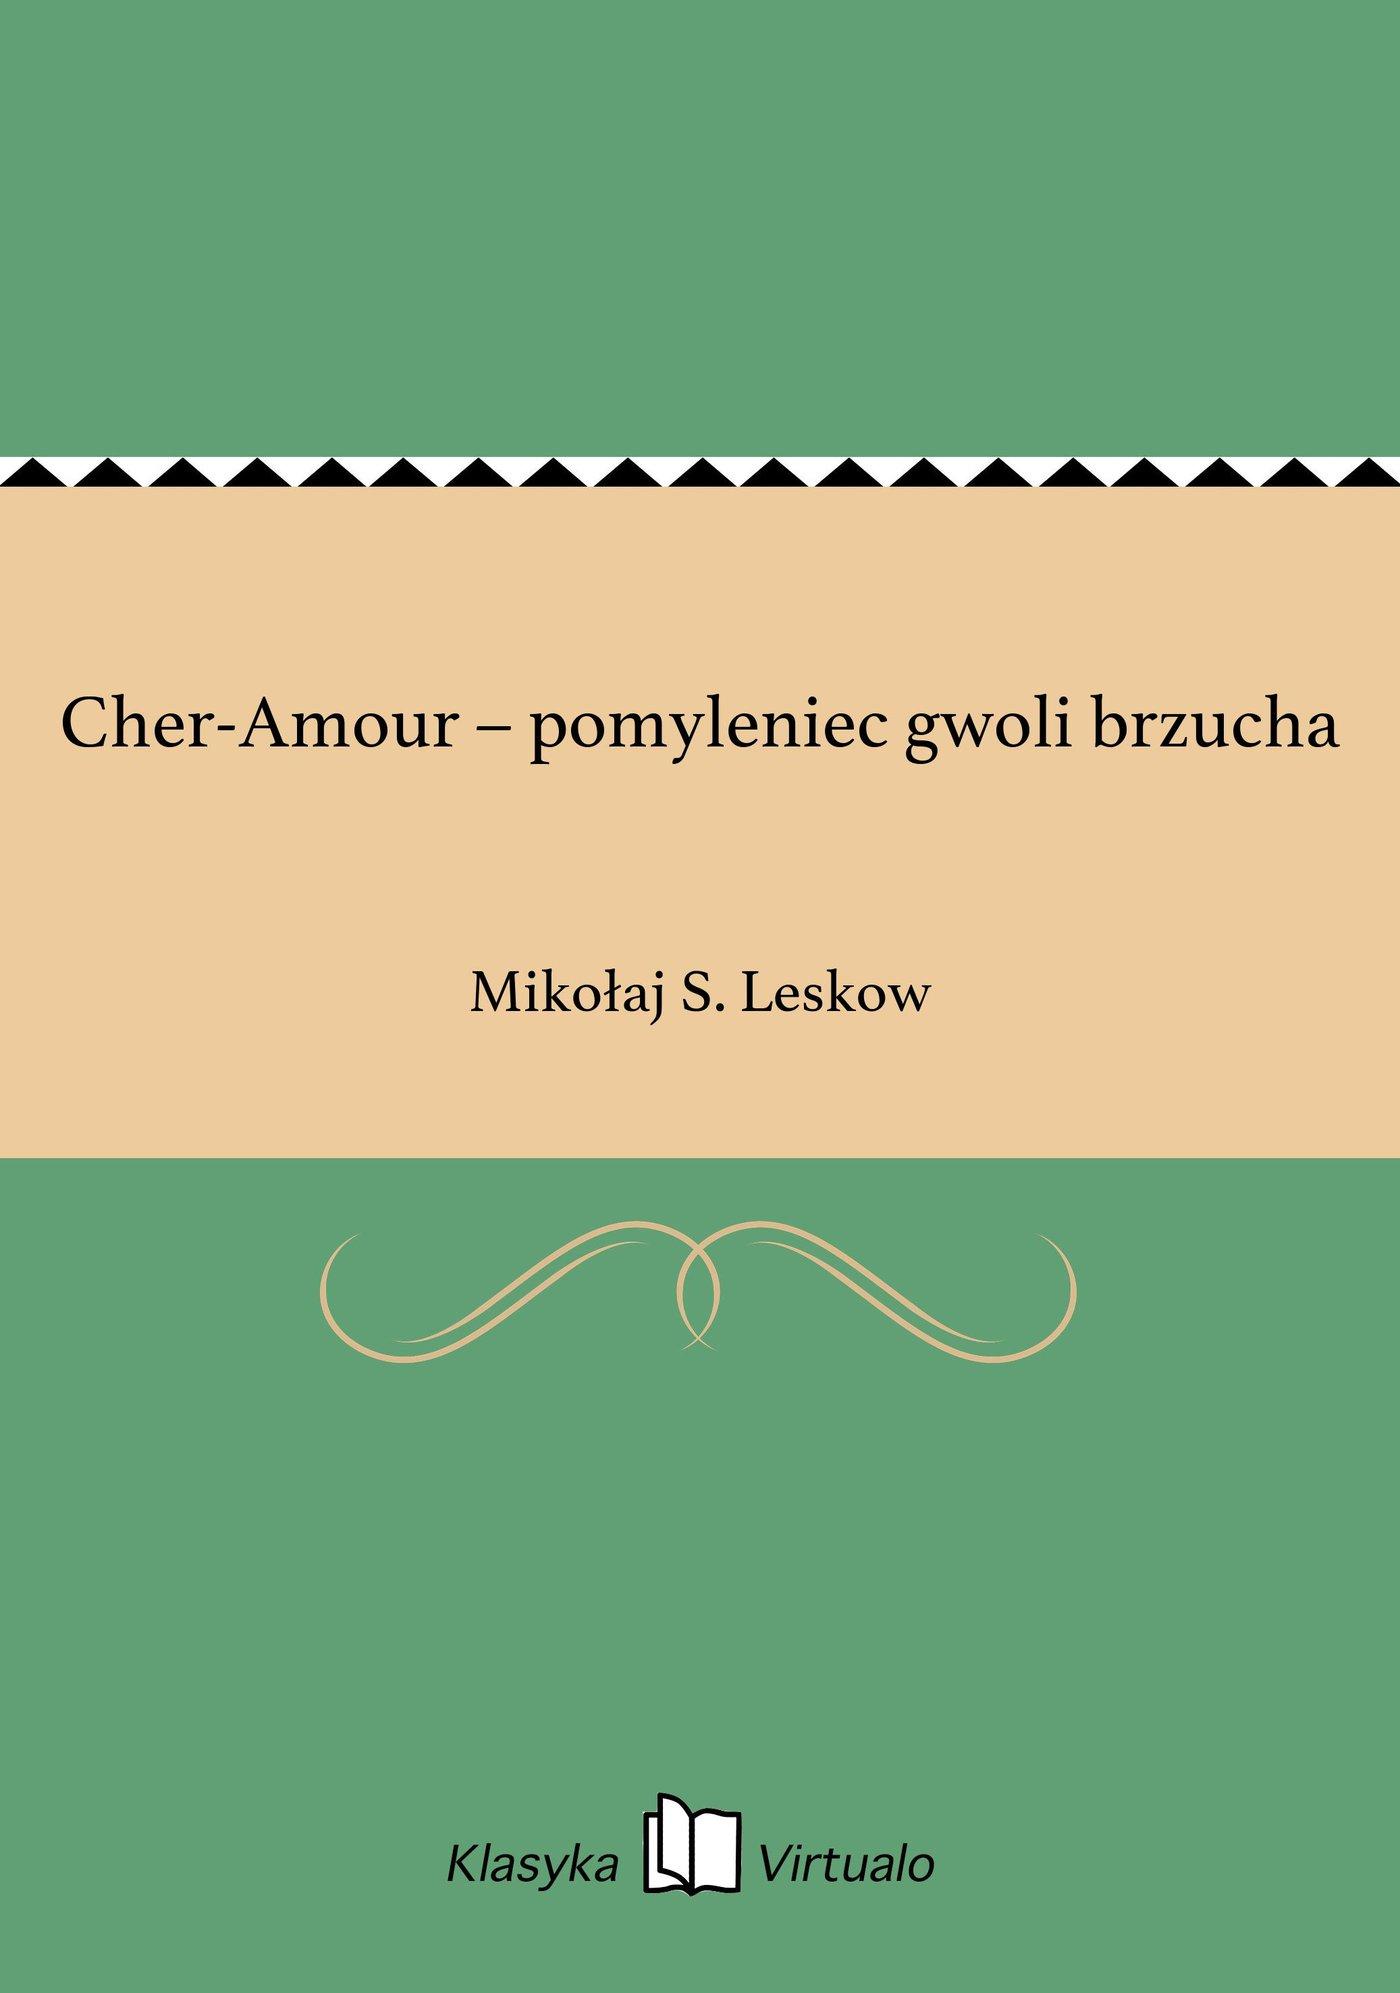 Cher-Amour – pomyleniec gwoli brzucha - Ebook (Książka EPUB) do pobrania w formacie EPUB